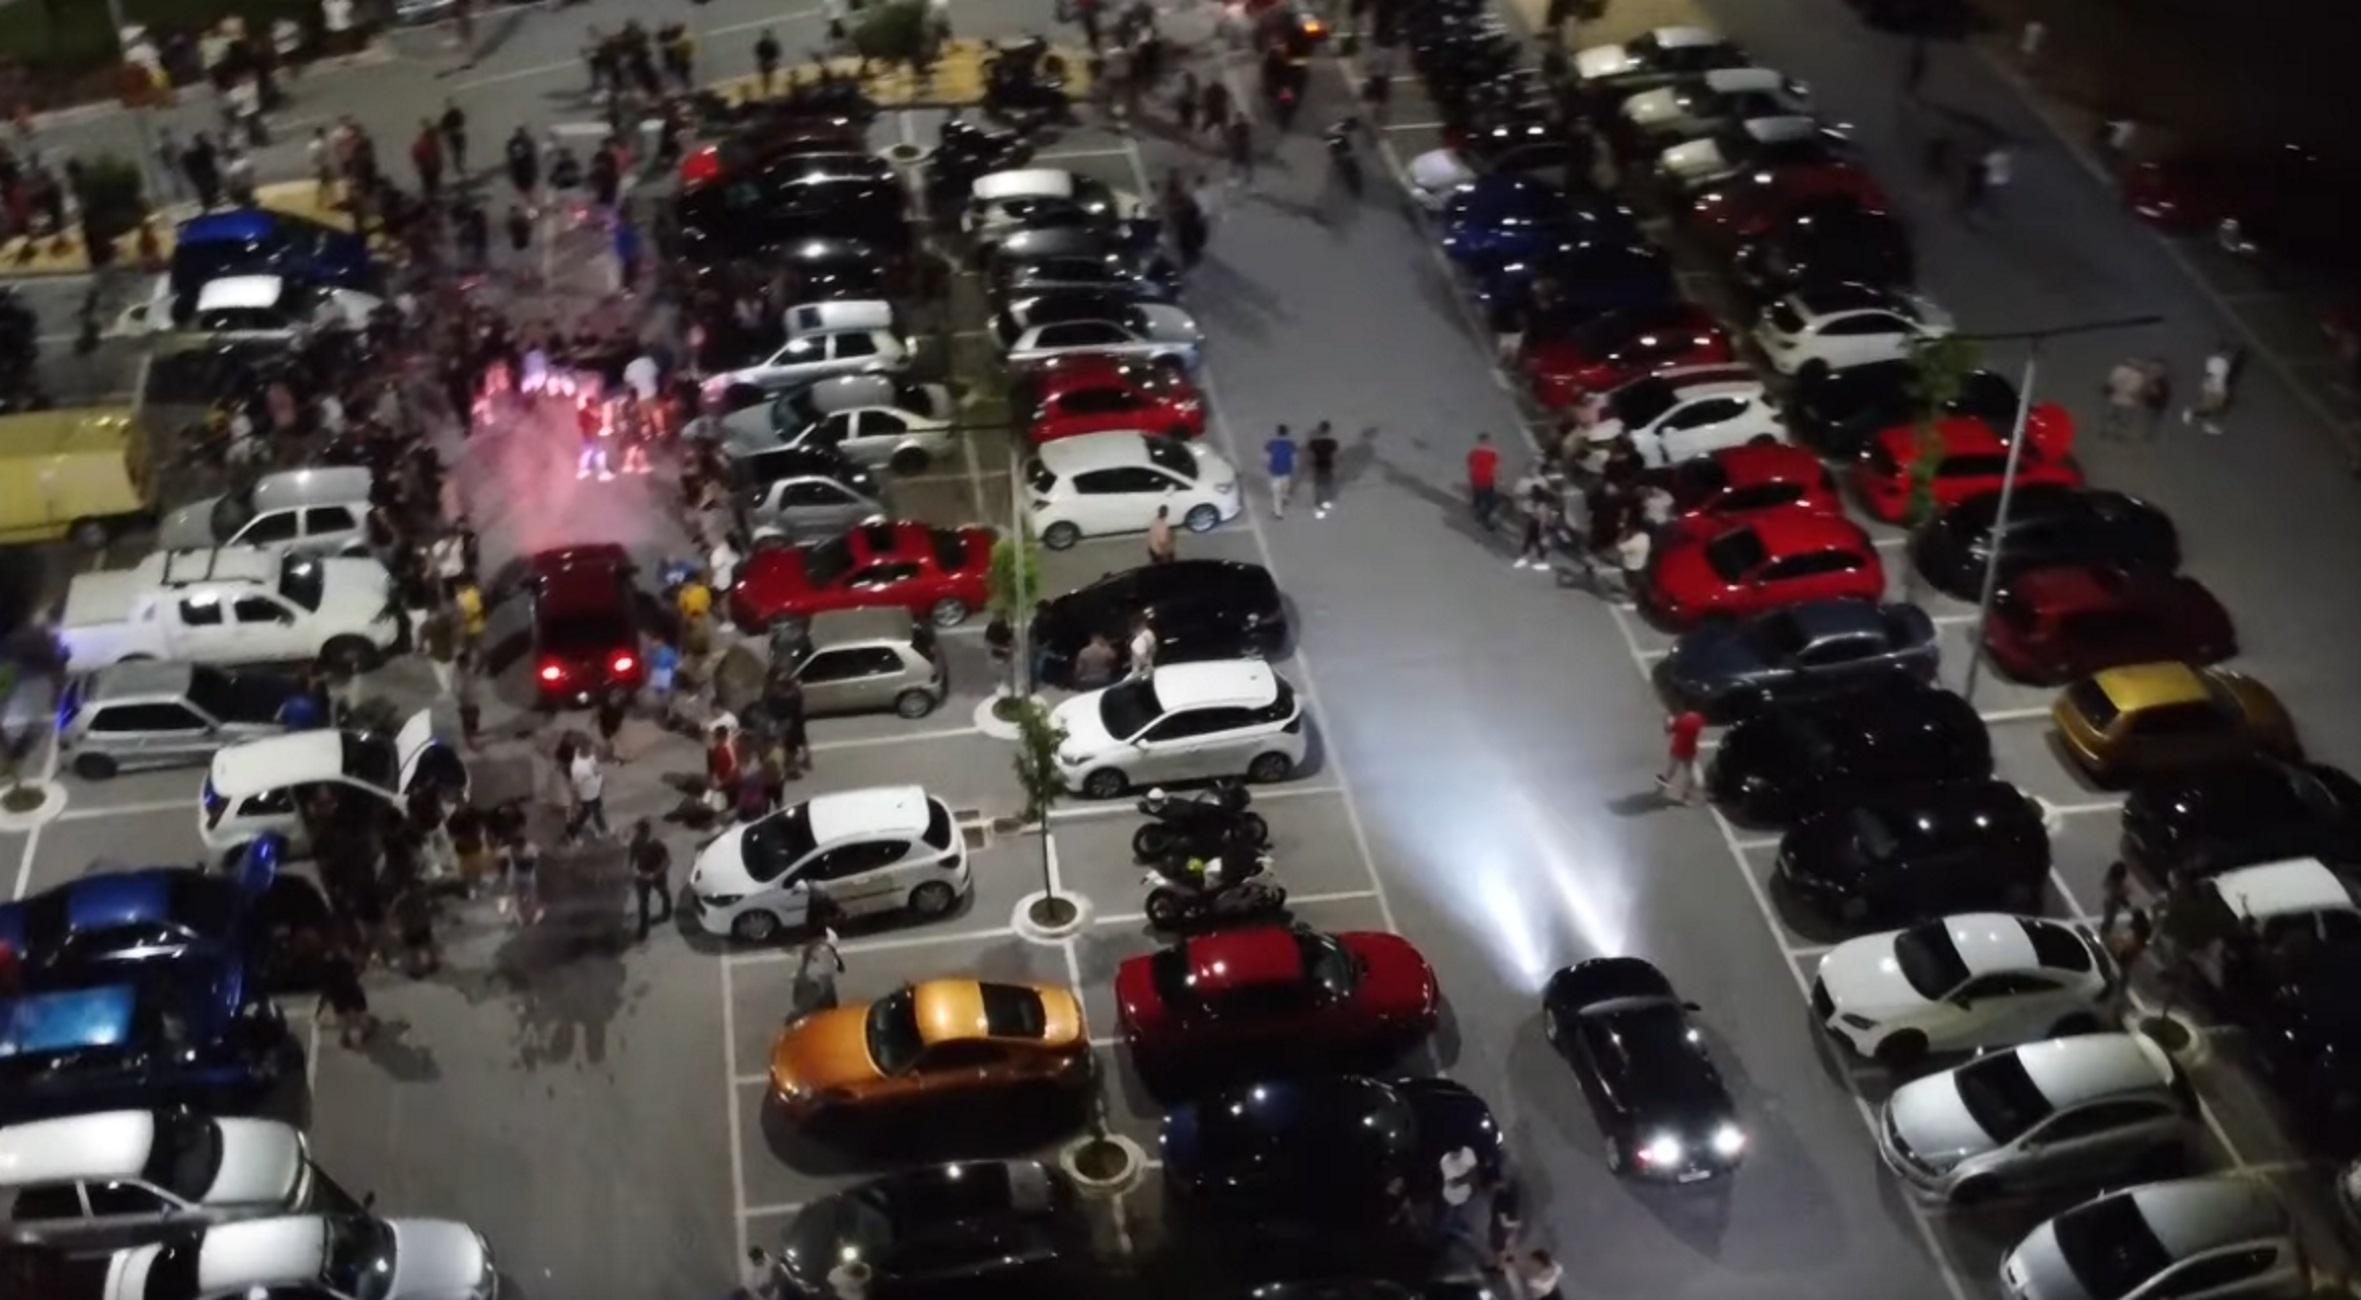 """Λάρισα: Κόντρες αυτοκινήτων στην κάμερα! Το ραντεβού που έδωσαν οδηγοί """"πειραγμένων"""" ΙΧ (Βίντεο)"""